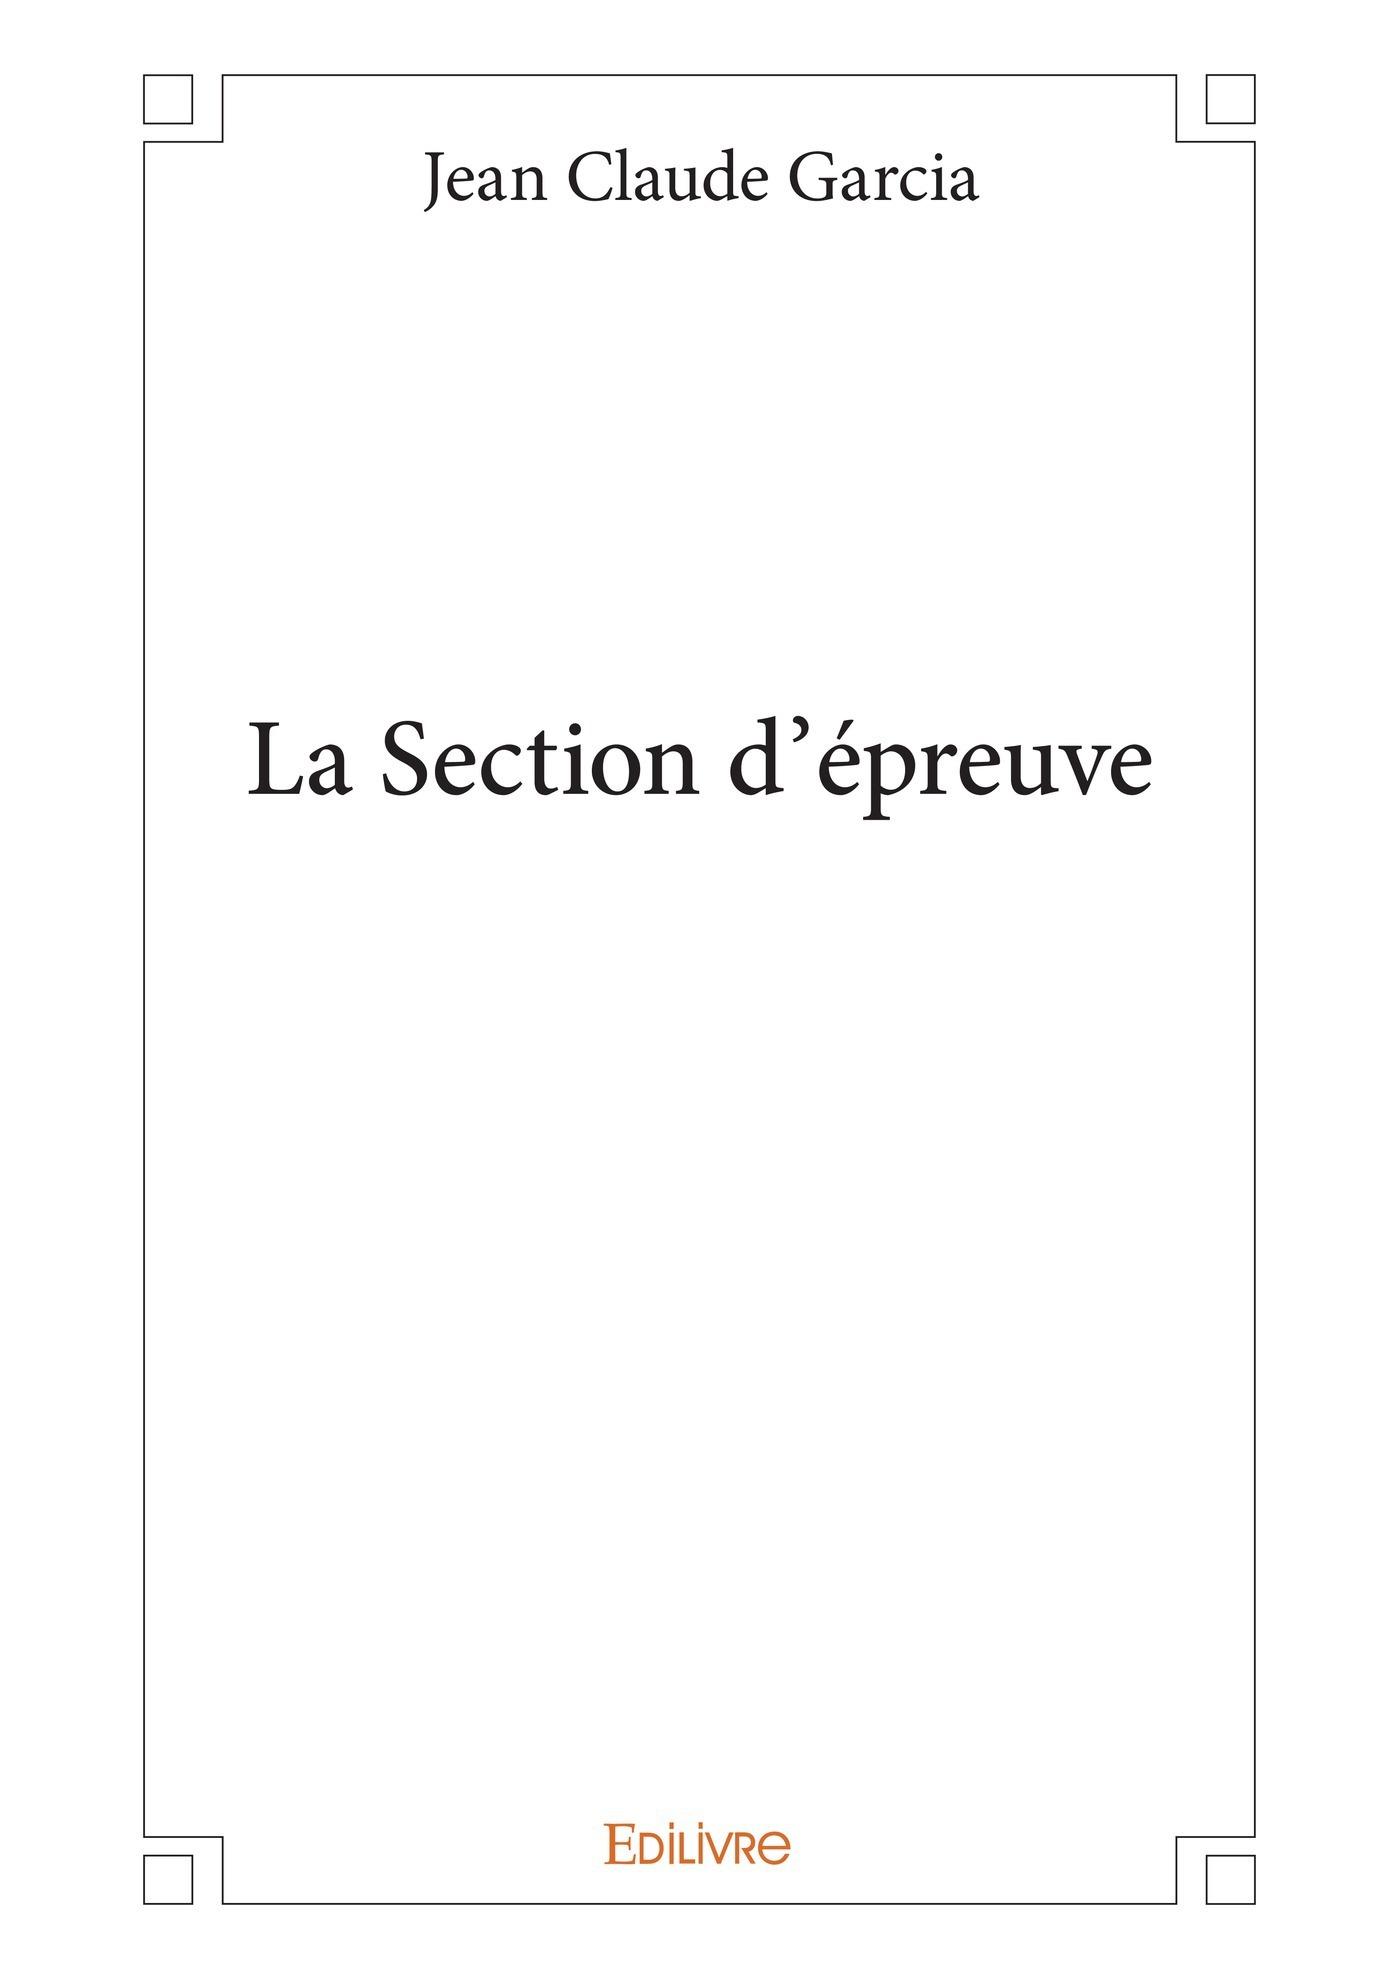 La Section d´épreuve  - Jean Claude Garcia